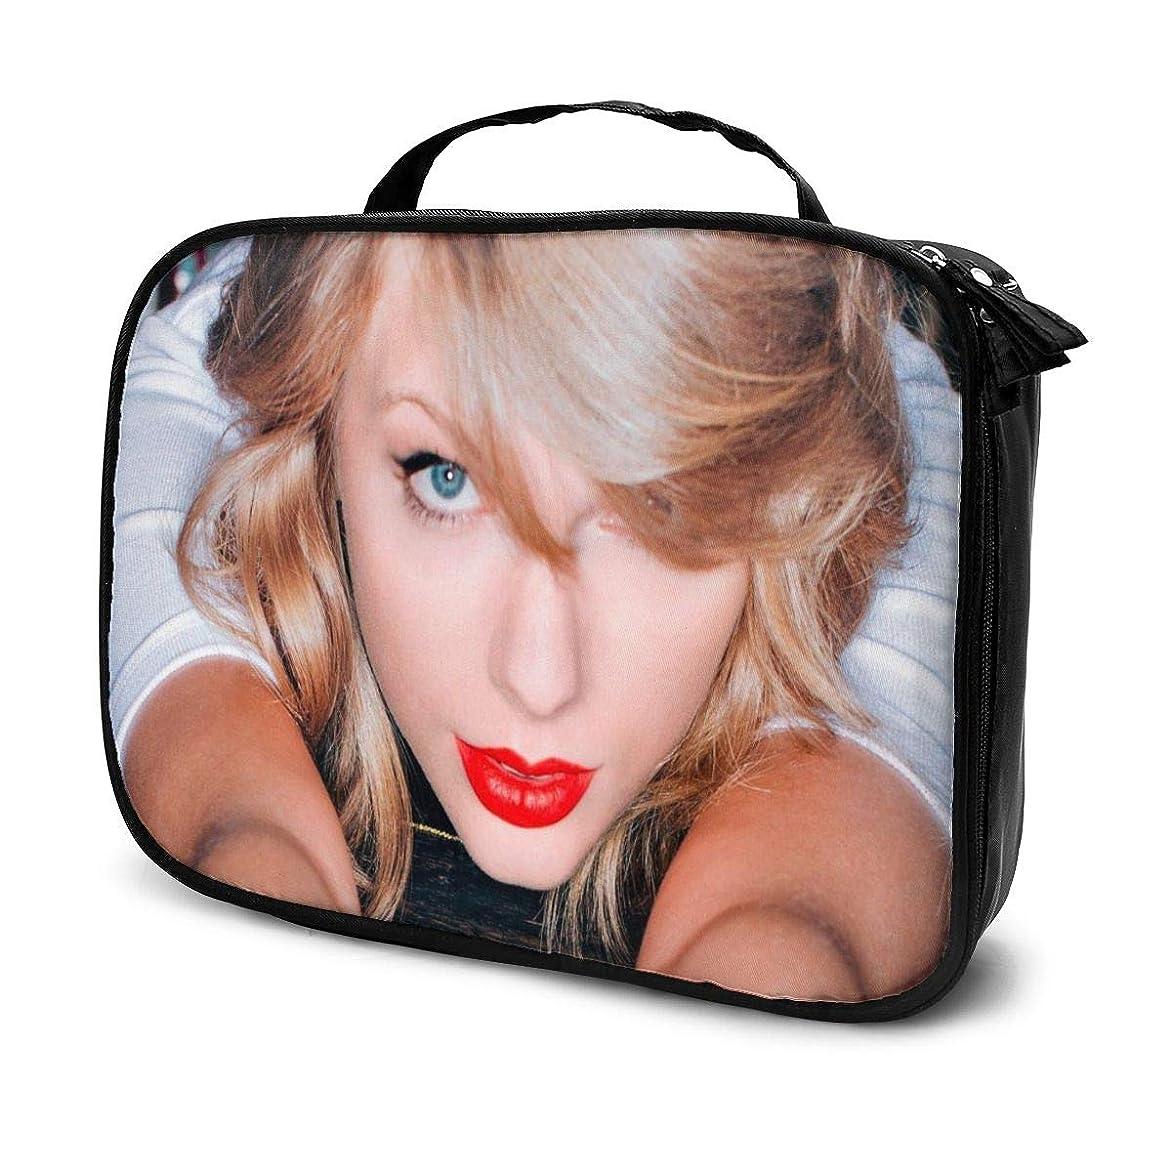 大使過剰運搬化粧ポーチ テイラースウィフトTaylor Swift 女性化粧品バッグ ビューティー メイク道具 フェイスケアツール 化粧ポーチメイクボックス ホーム、旅行、ショッピング、ショッピング